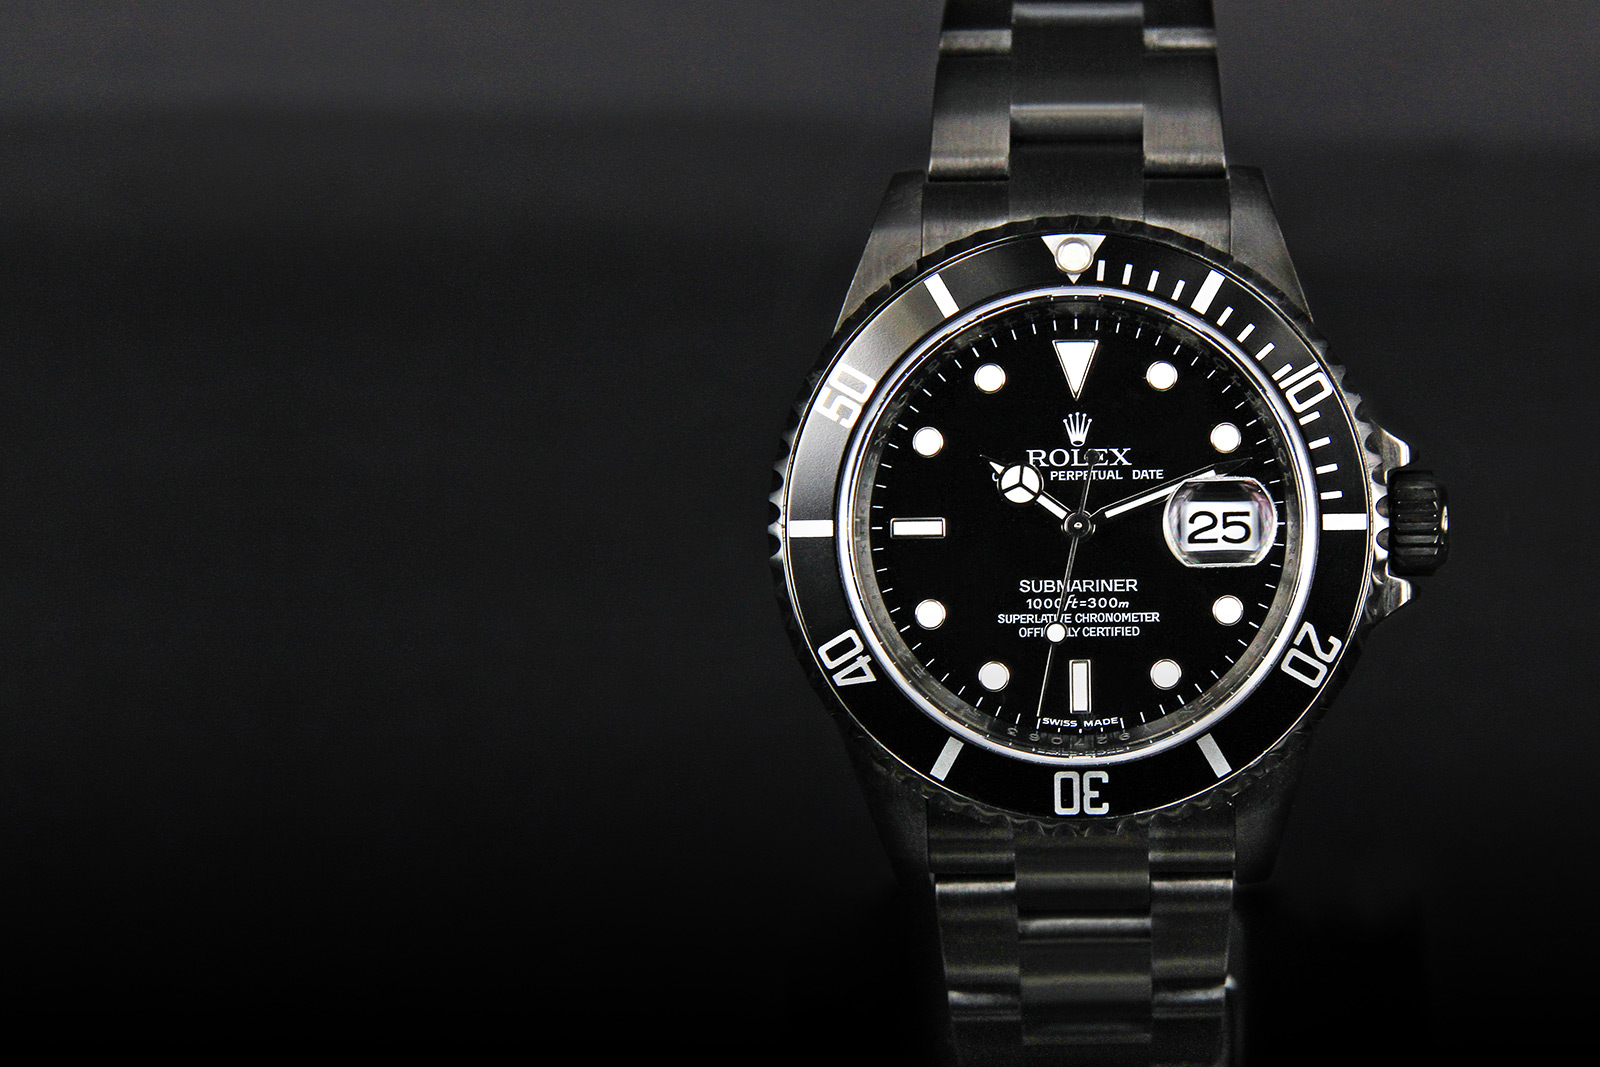 SubmarinerDate-galerie-1